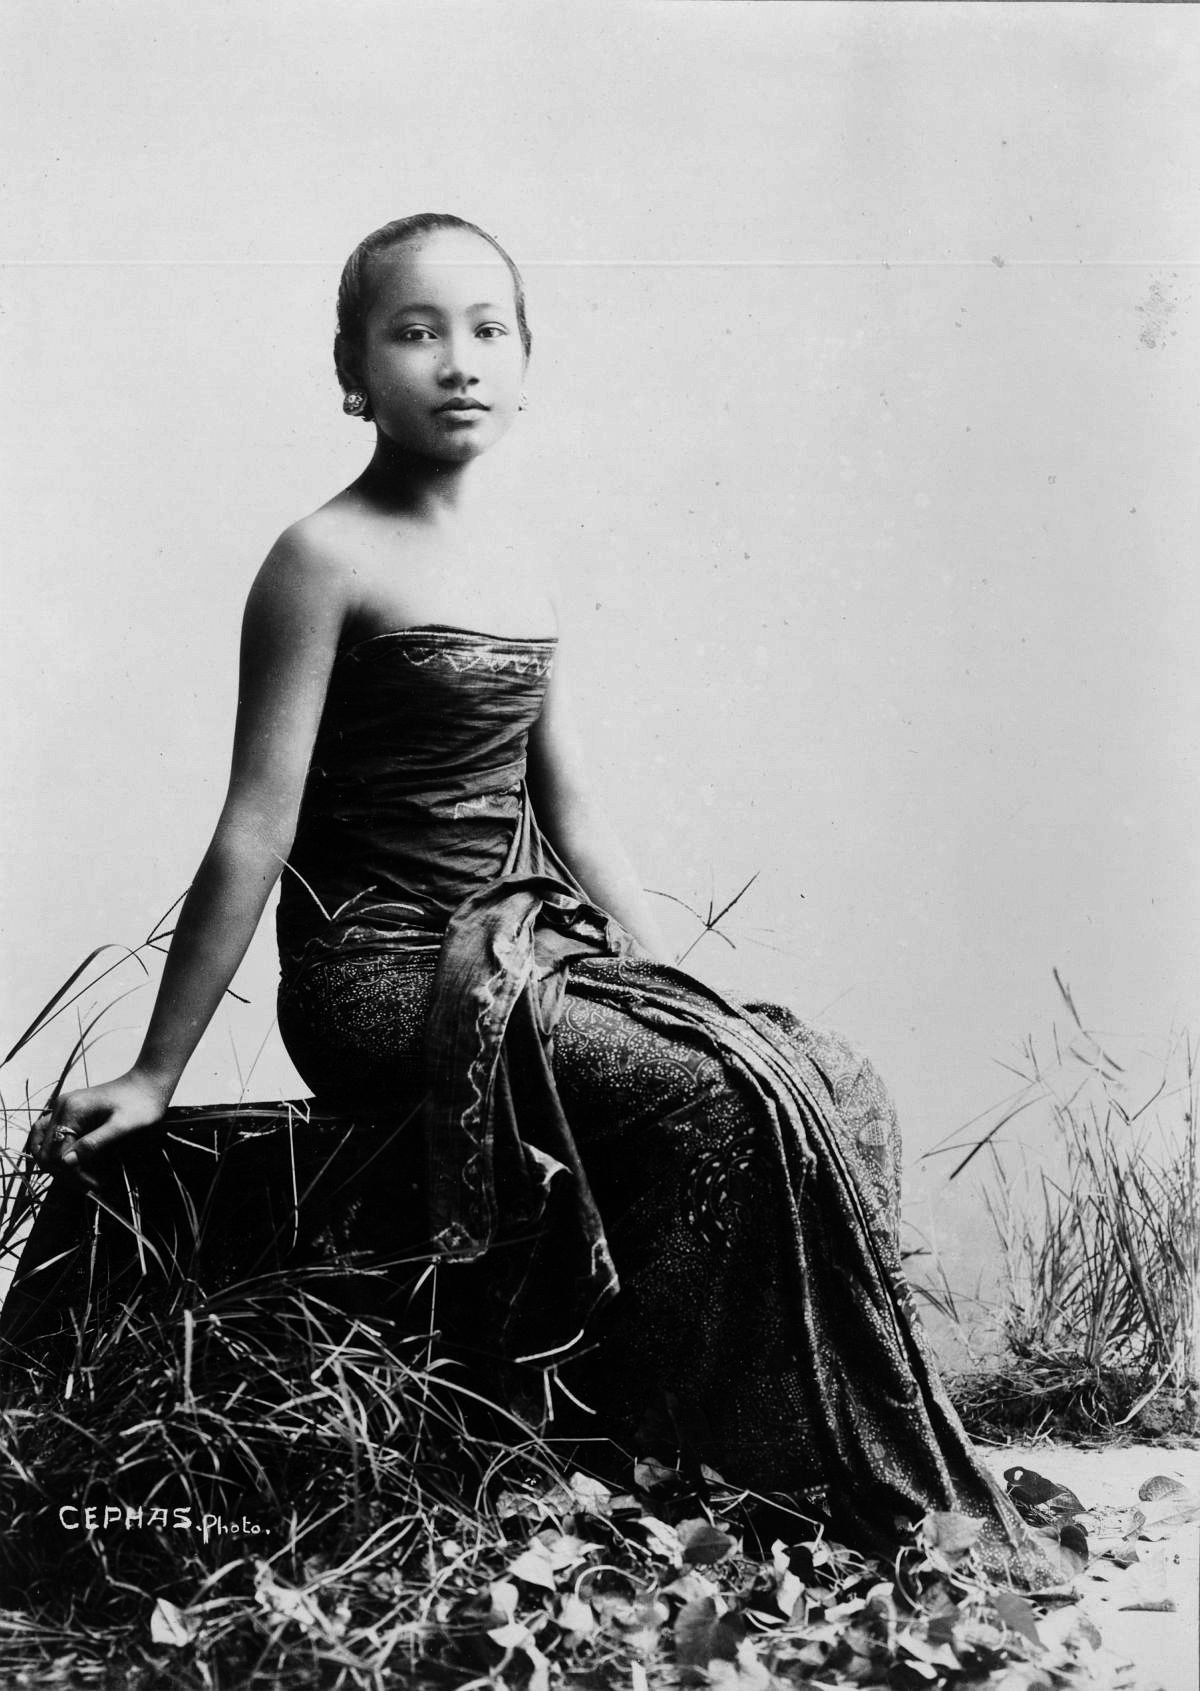 Semioticapocalypse Kassian Cephas Javanese Woman C 1900 Bra Sport Kemben 8736 Semap Twitter